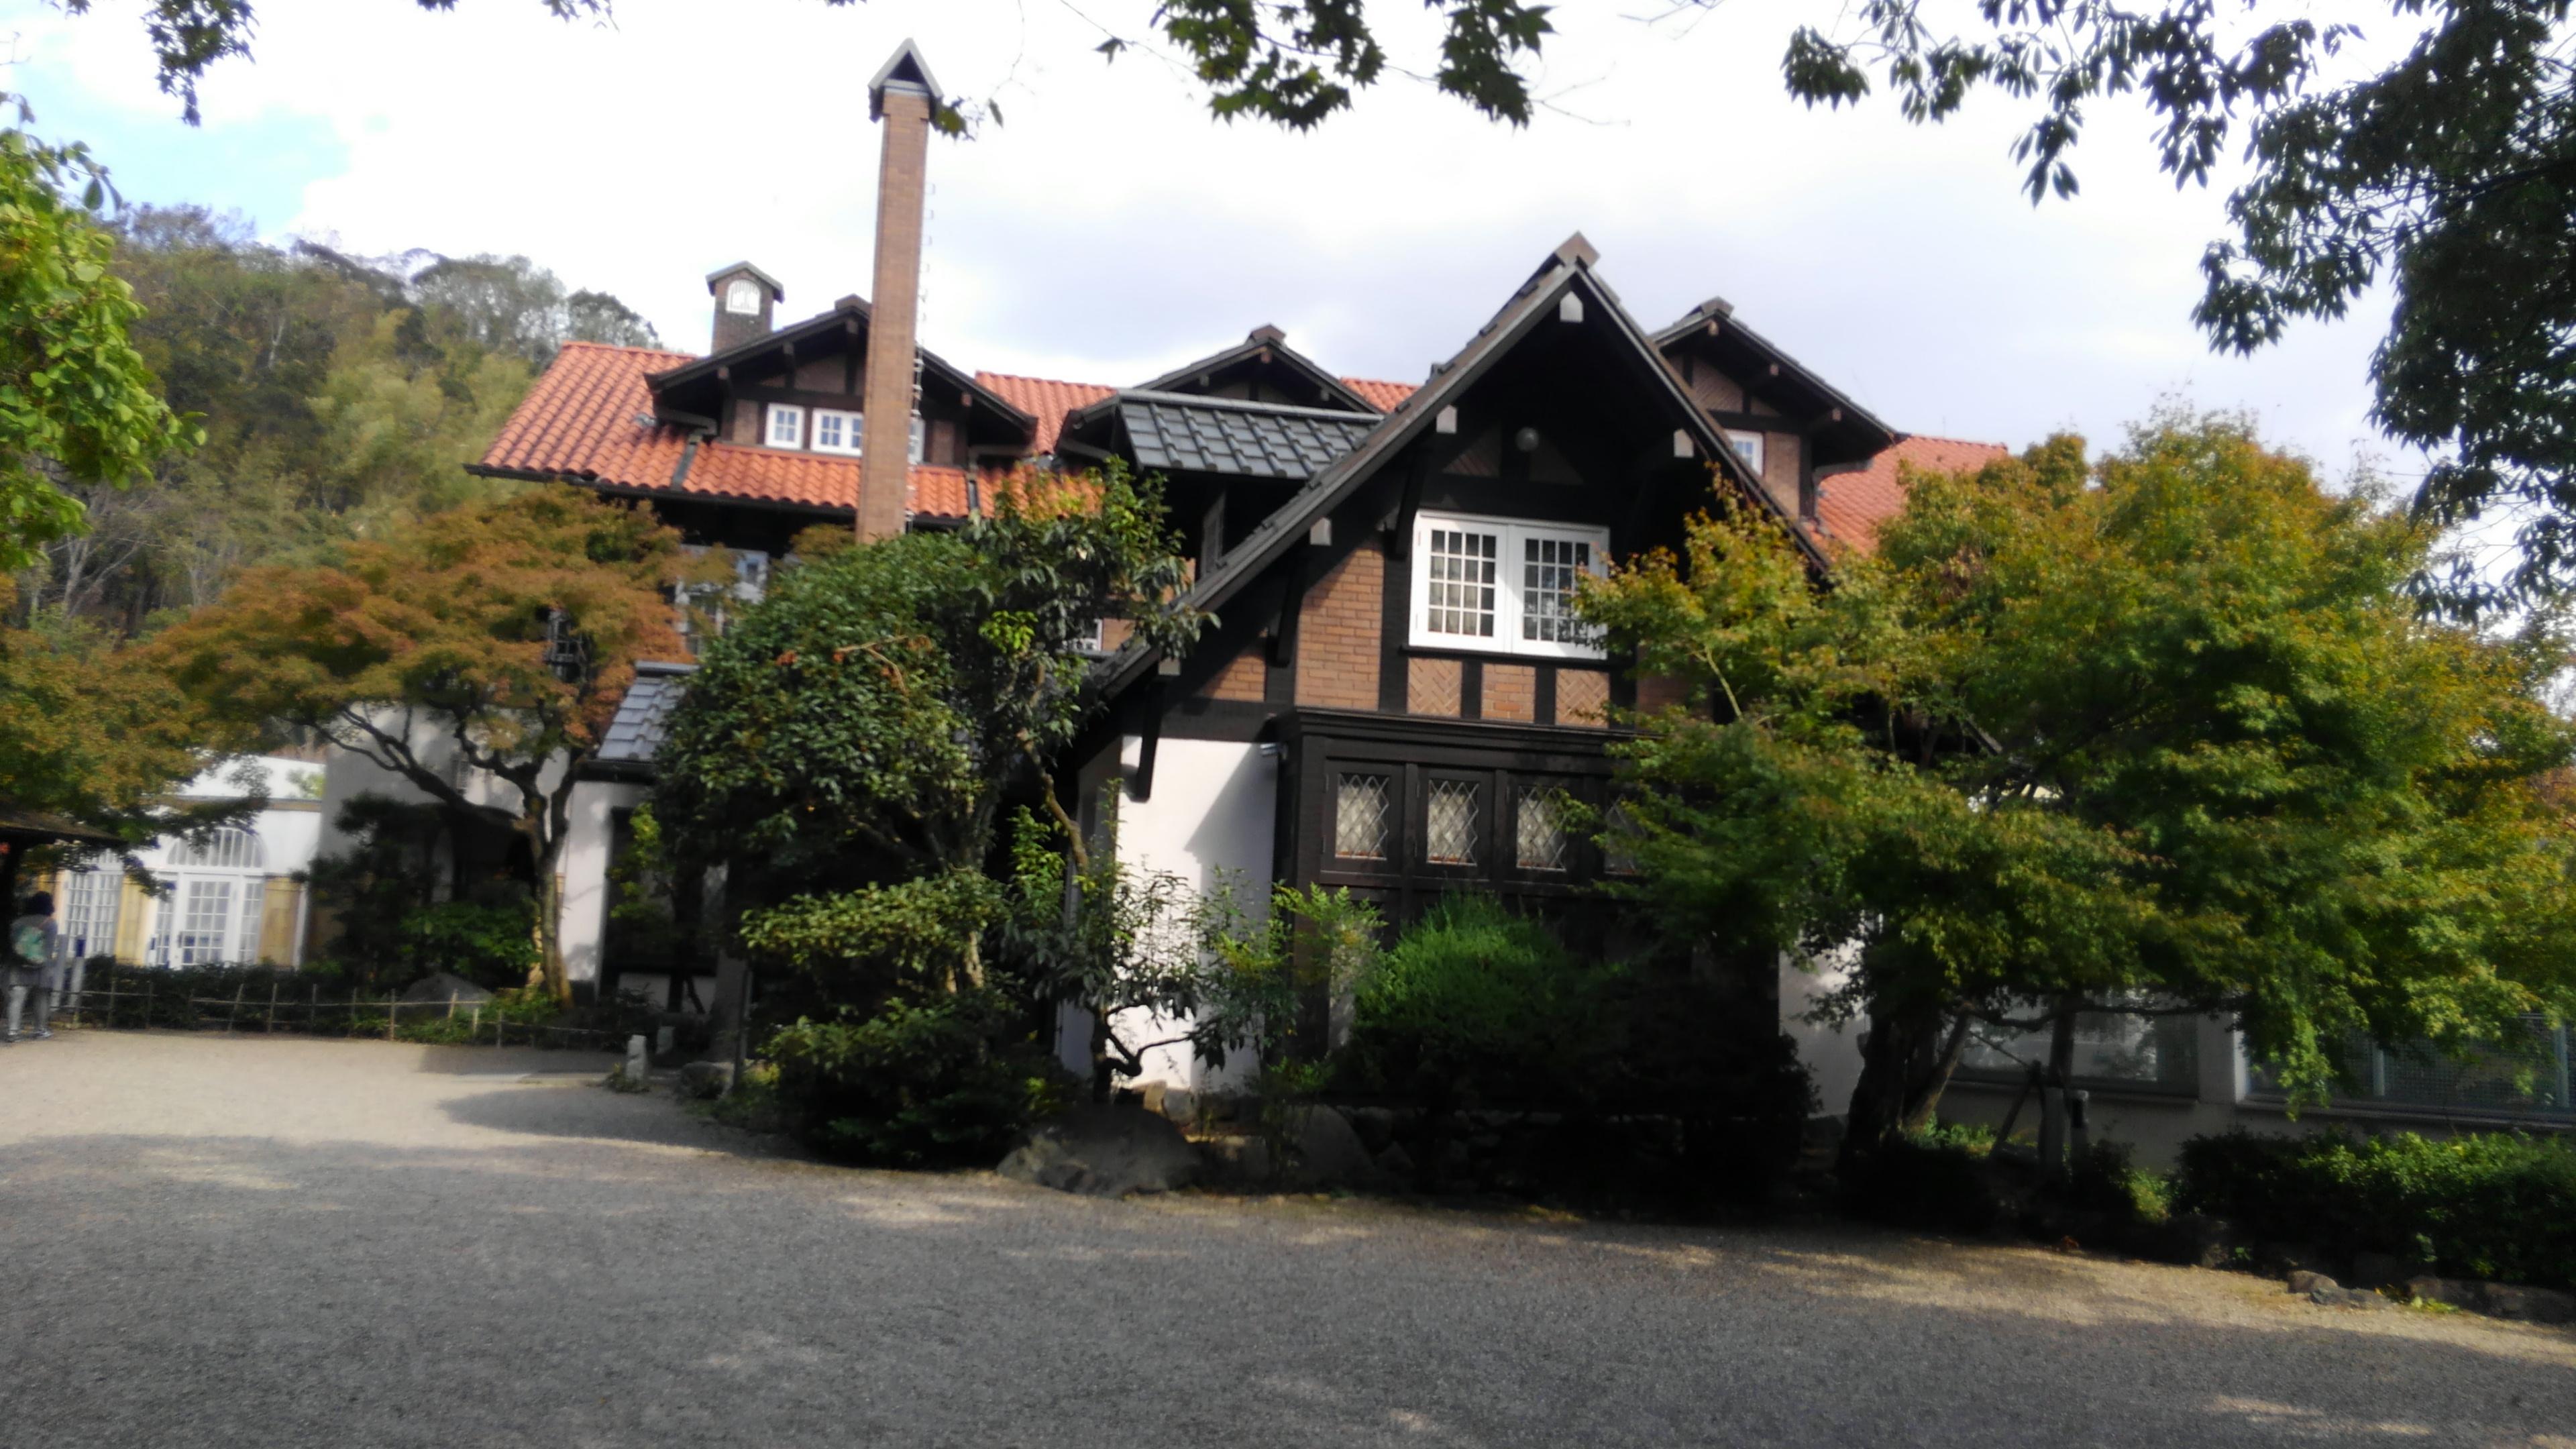 💗の形の町にあるアサヒビール大山崎山荘美術館に行きました🍁🎃